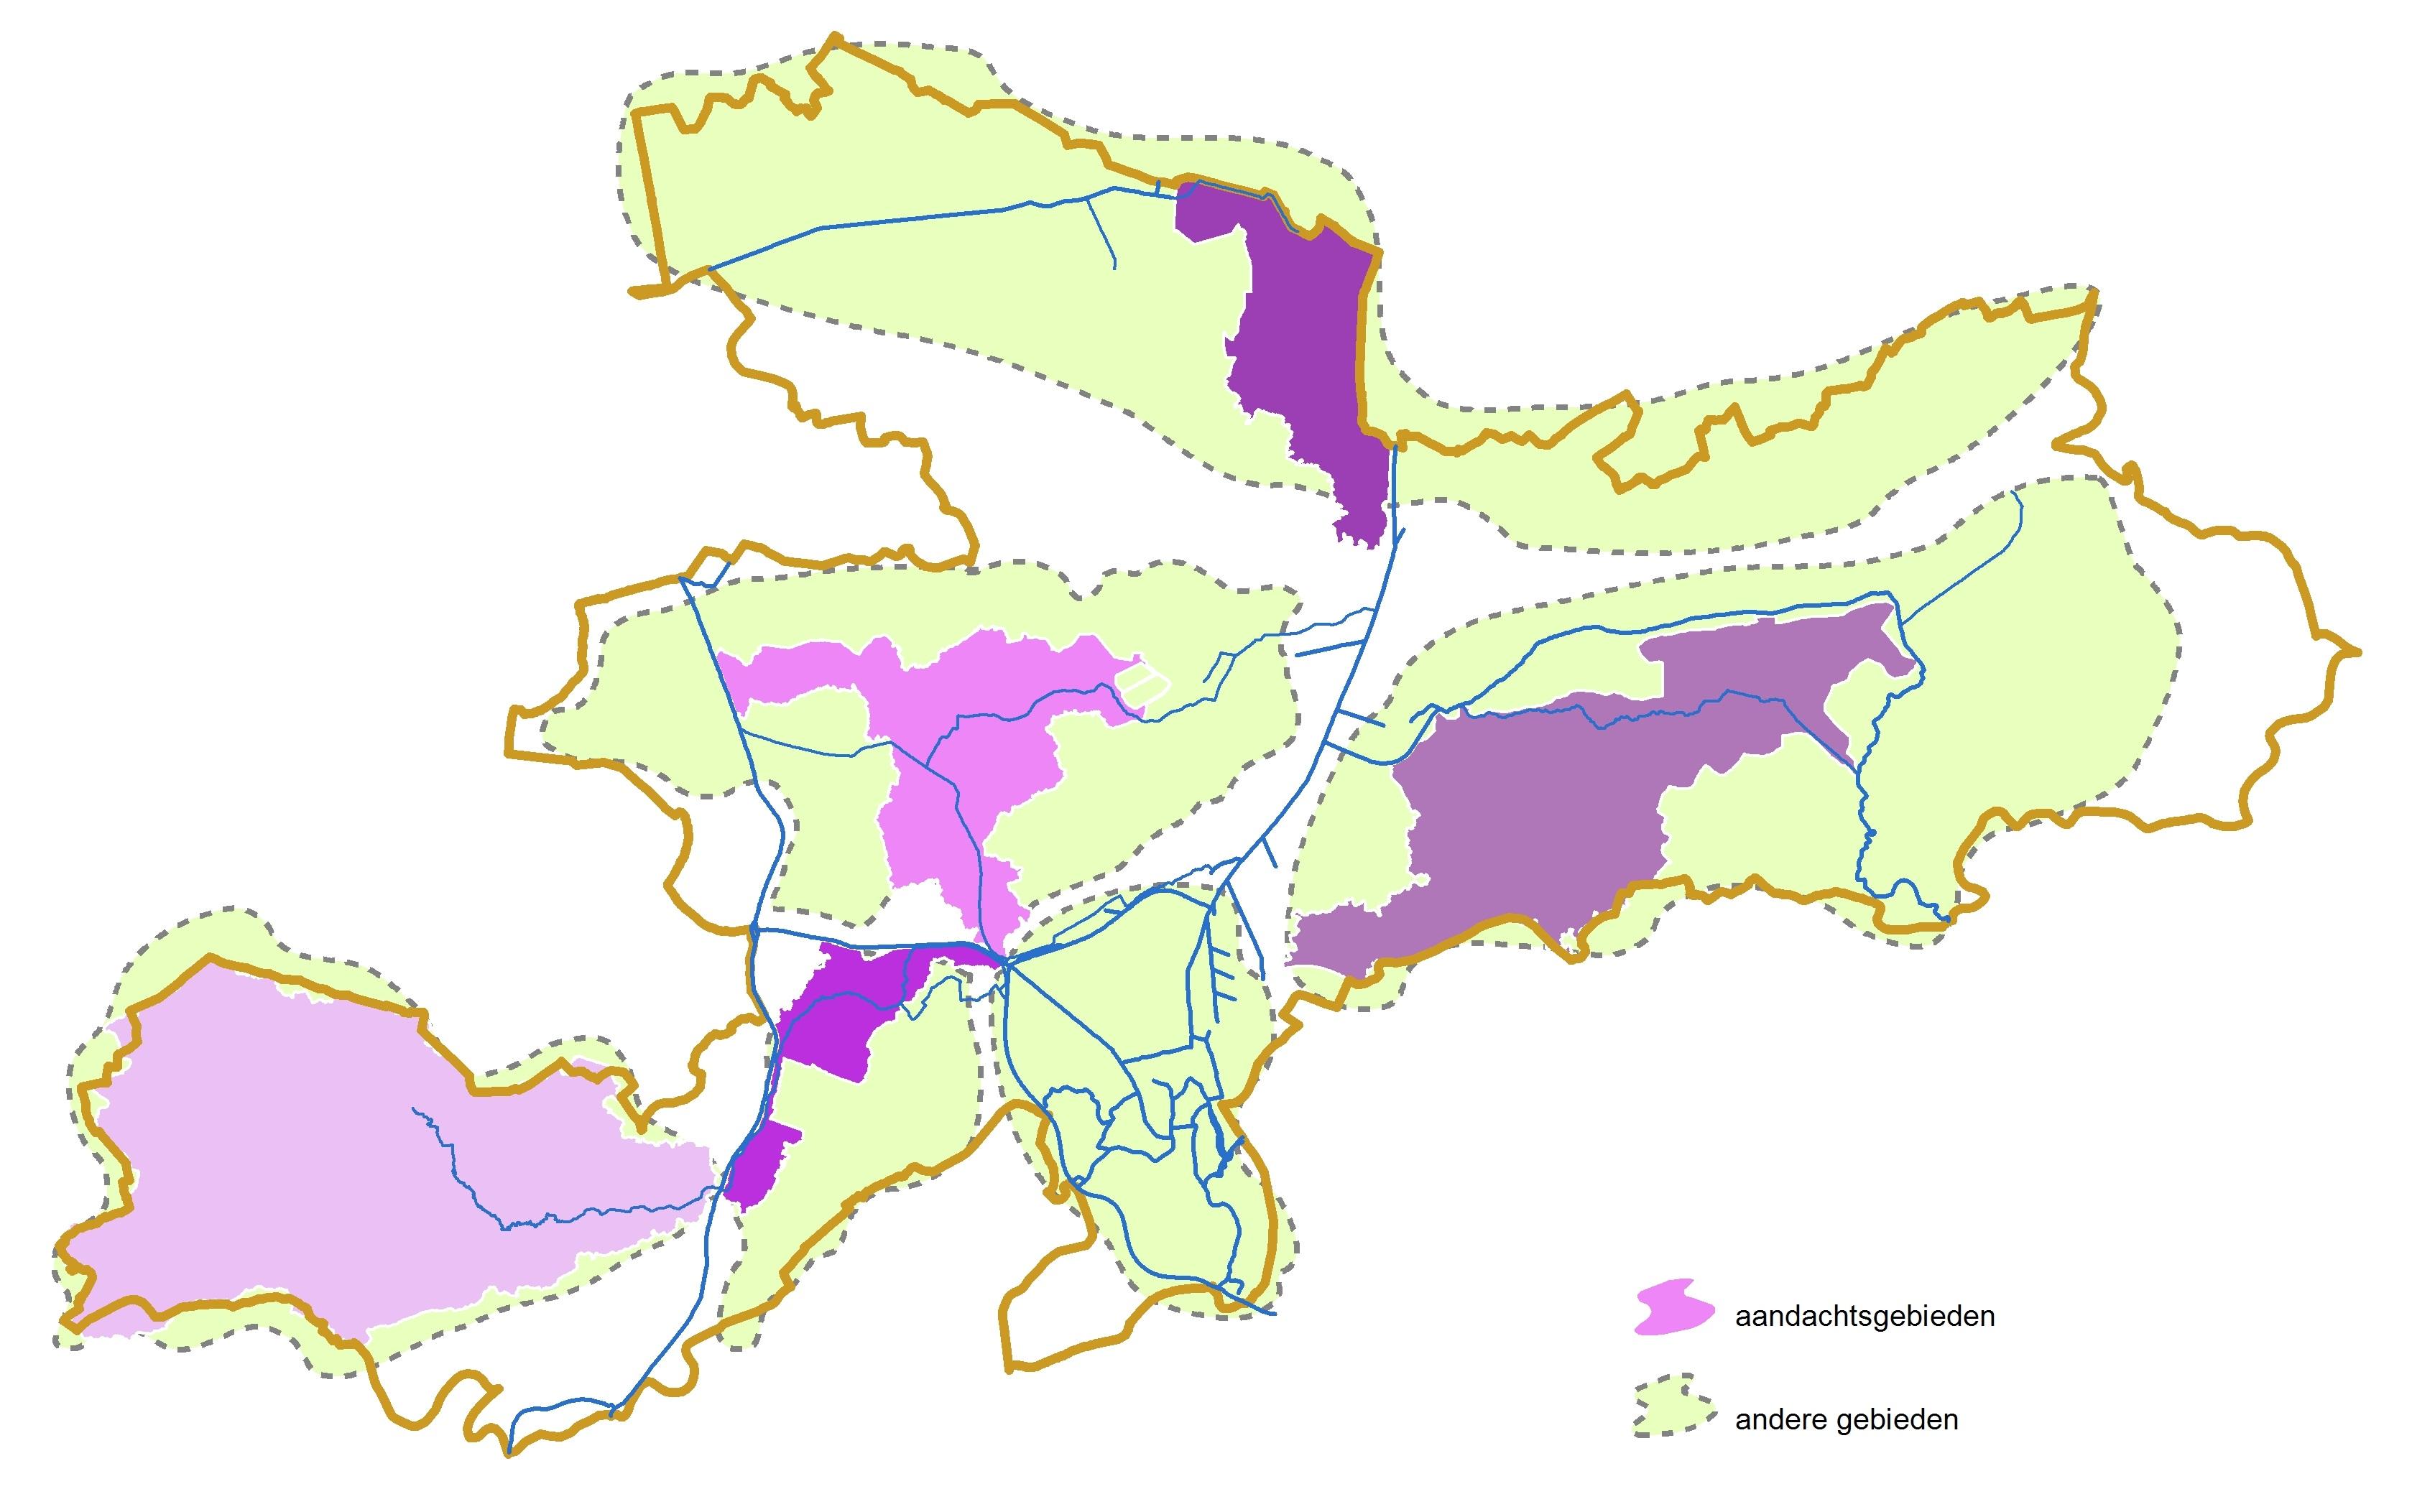 Bekkenkaart bekken van de Gentse Kanalen